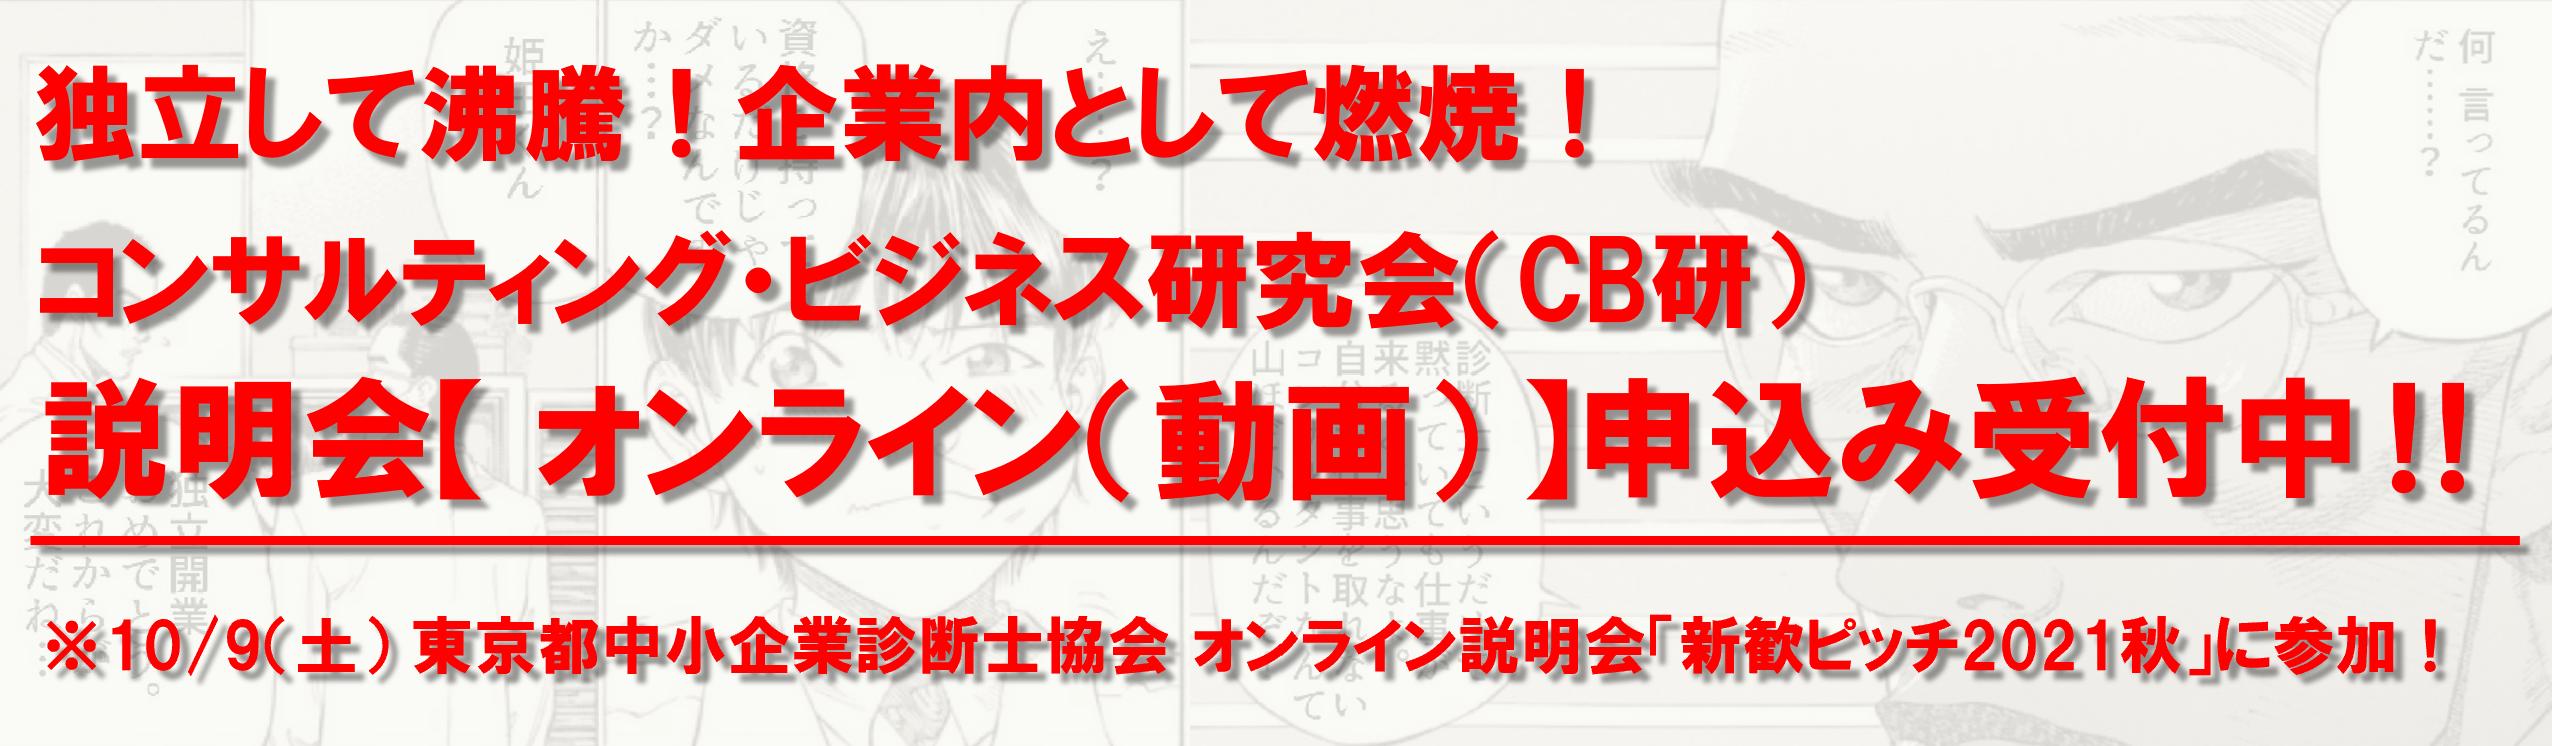 独立も企業内も CB研究会説明会(オンライン・リアル)申込み受付中 東京都中小企業診断士協会「新歓ピッチ2021」参加予定